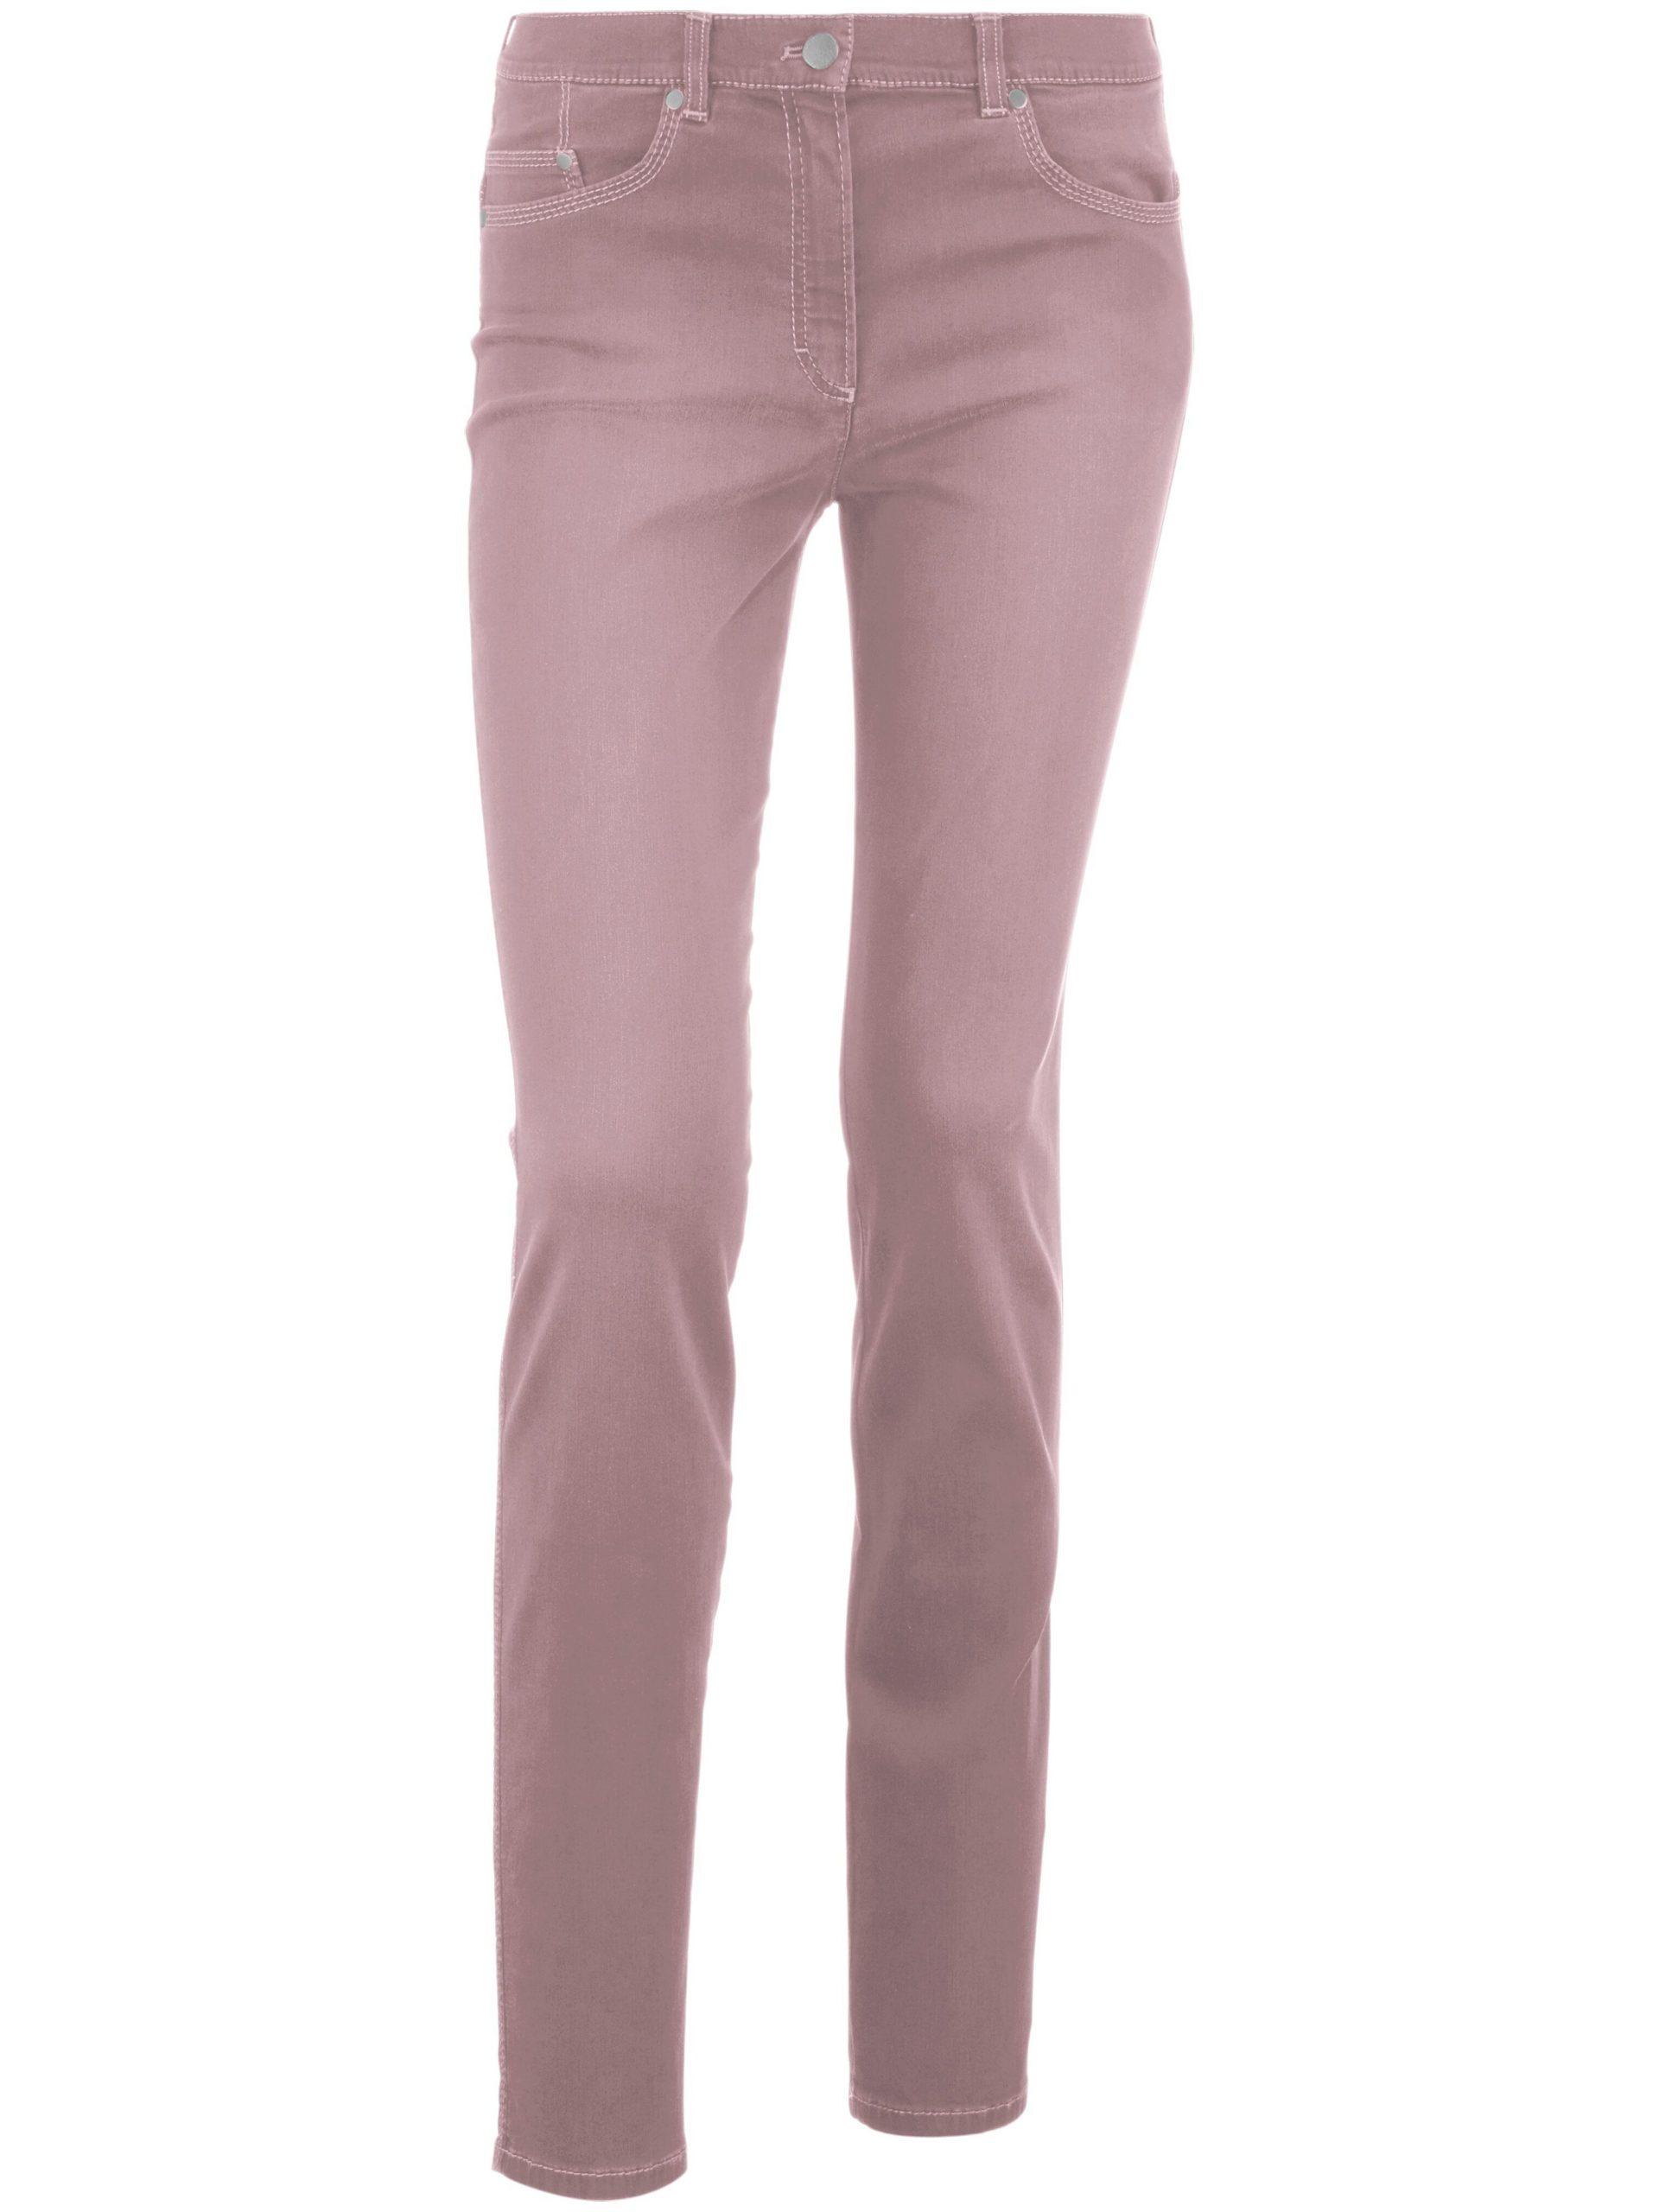 Modellerende Comfort Plus-jeans model Caren Van Raphaela by Brax paars Kopen